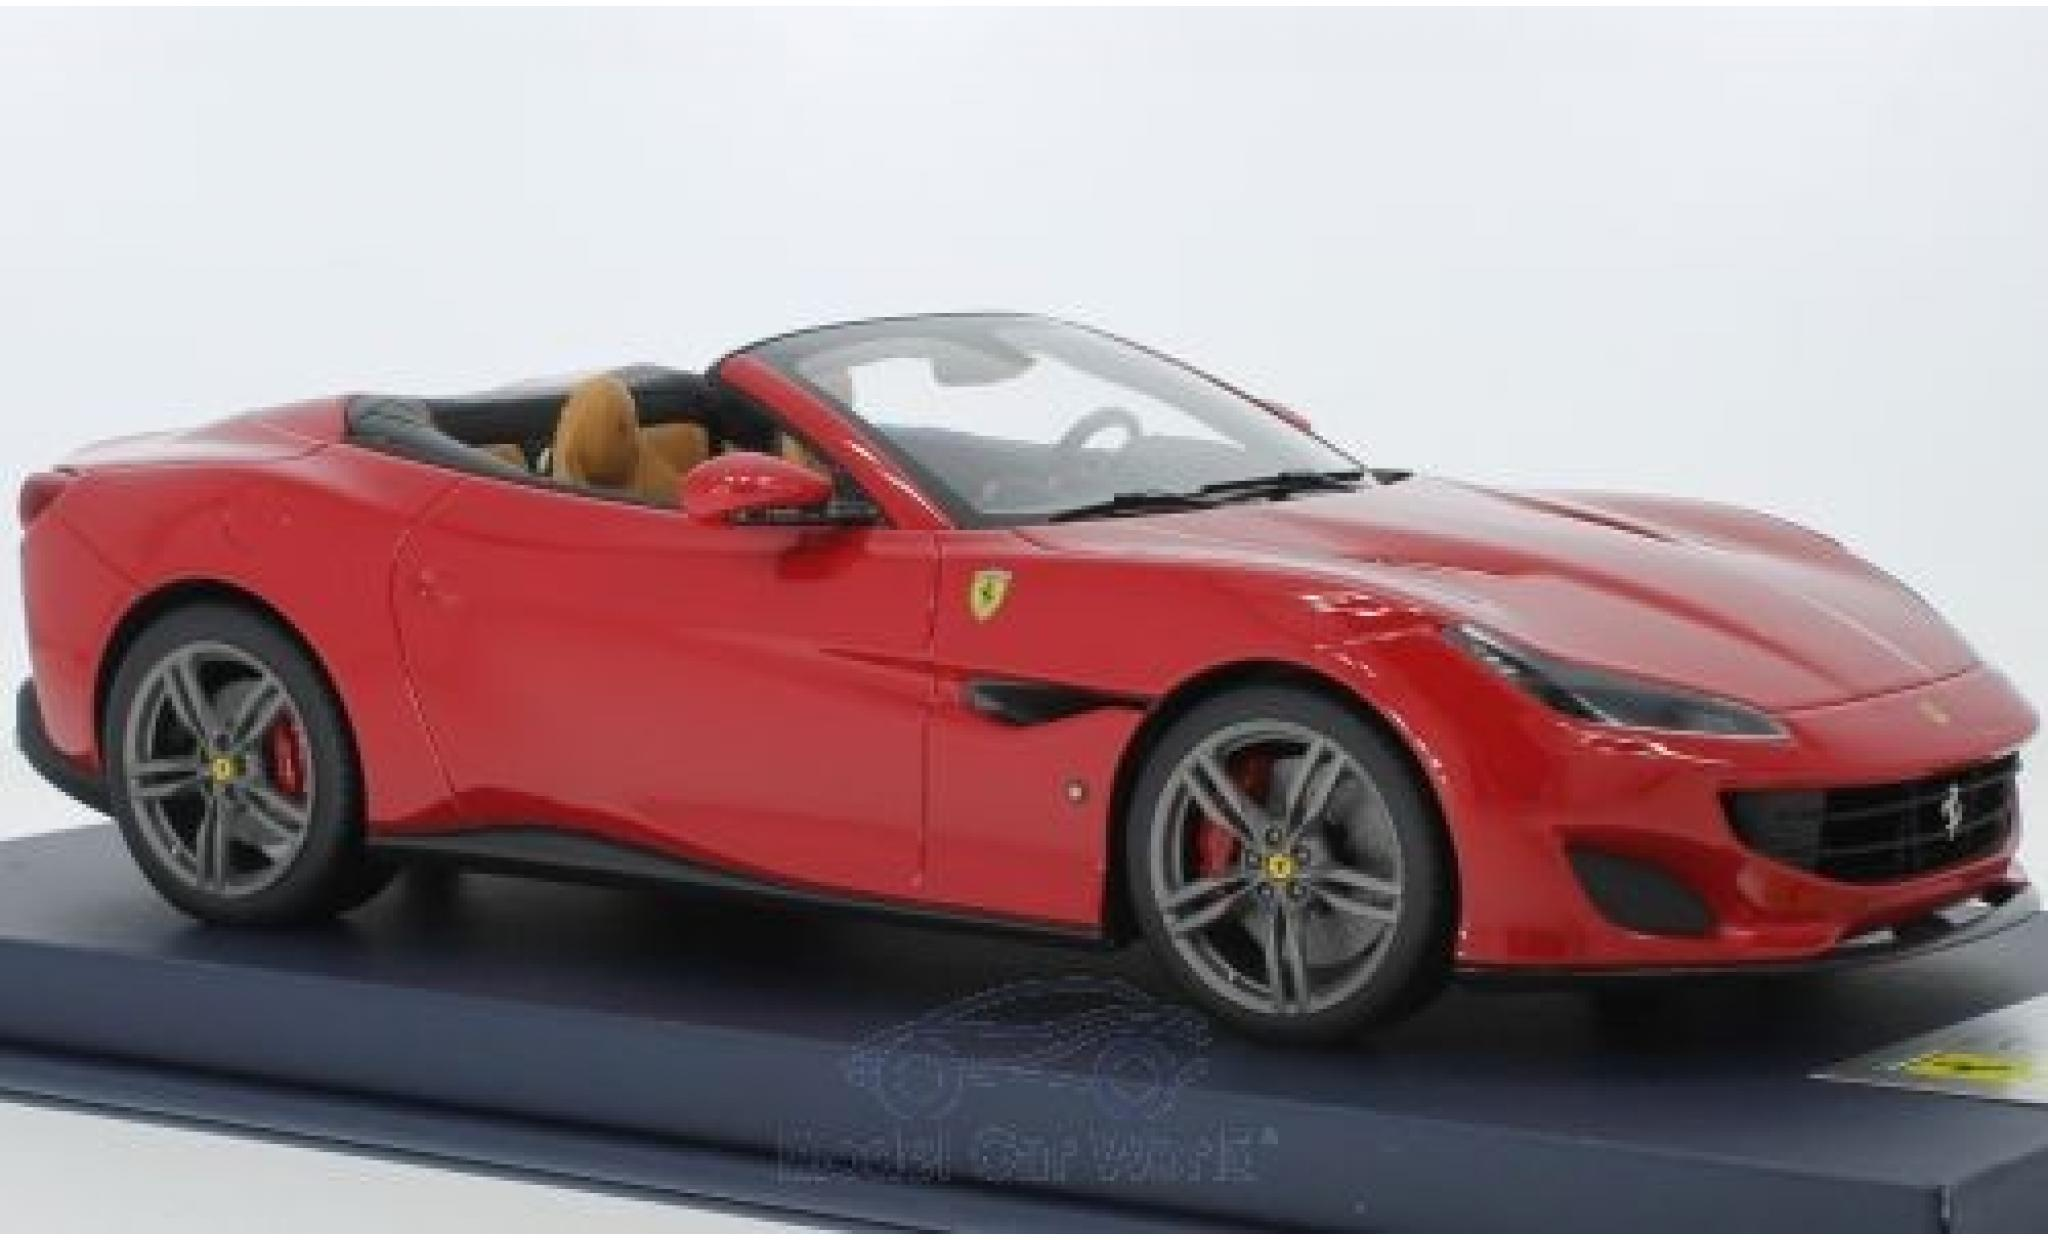 Ferrari Portofino 1/18 Look Smart rouge 2018 Interieur beige